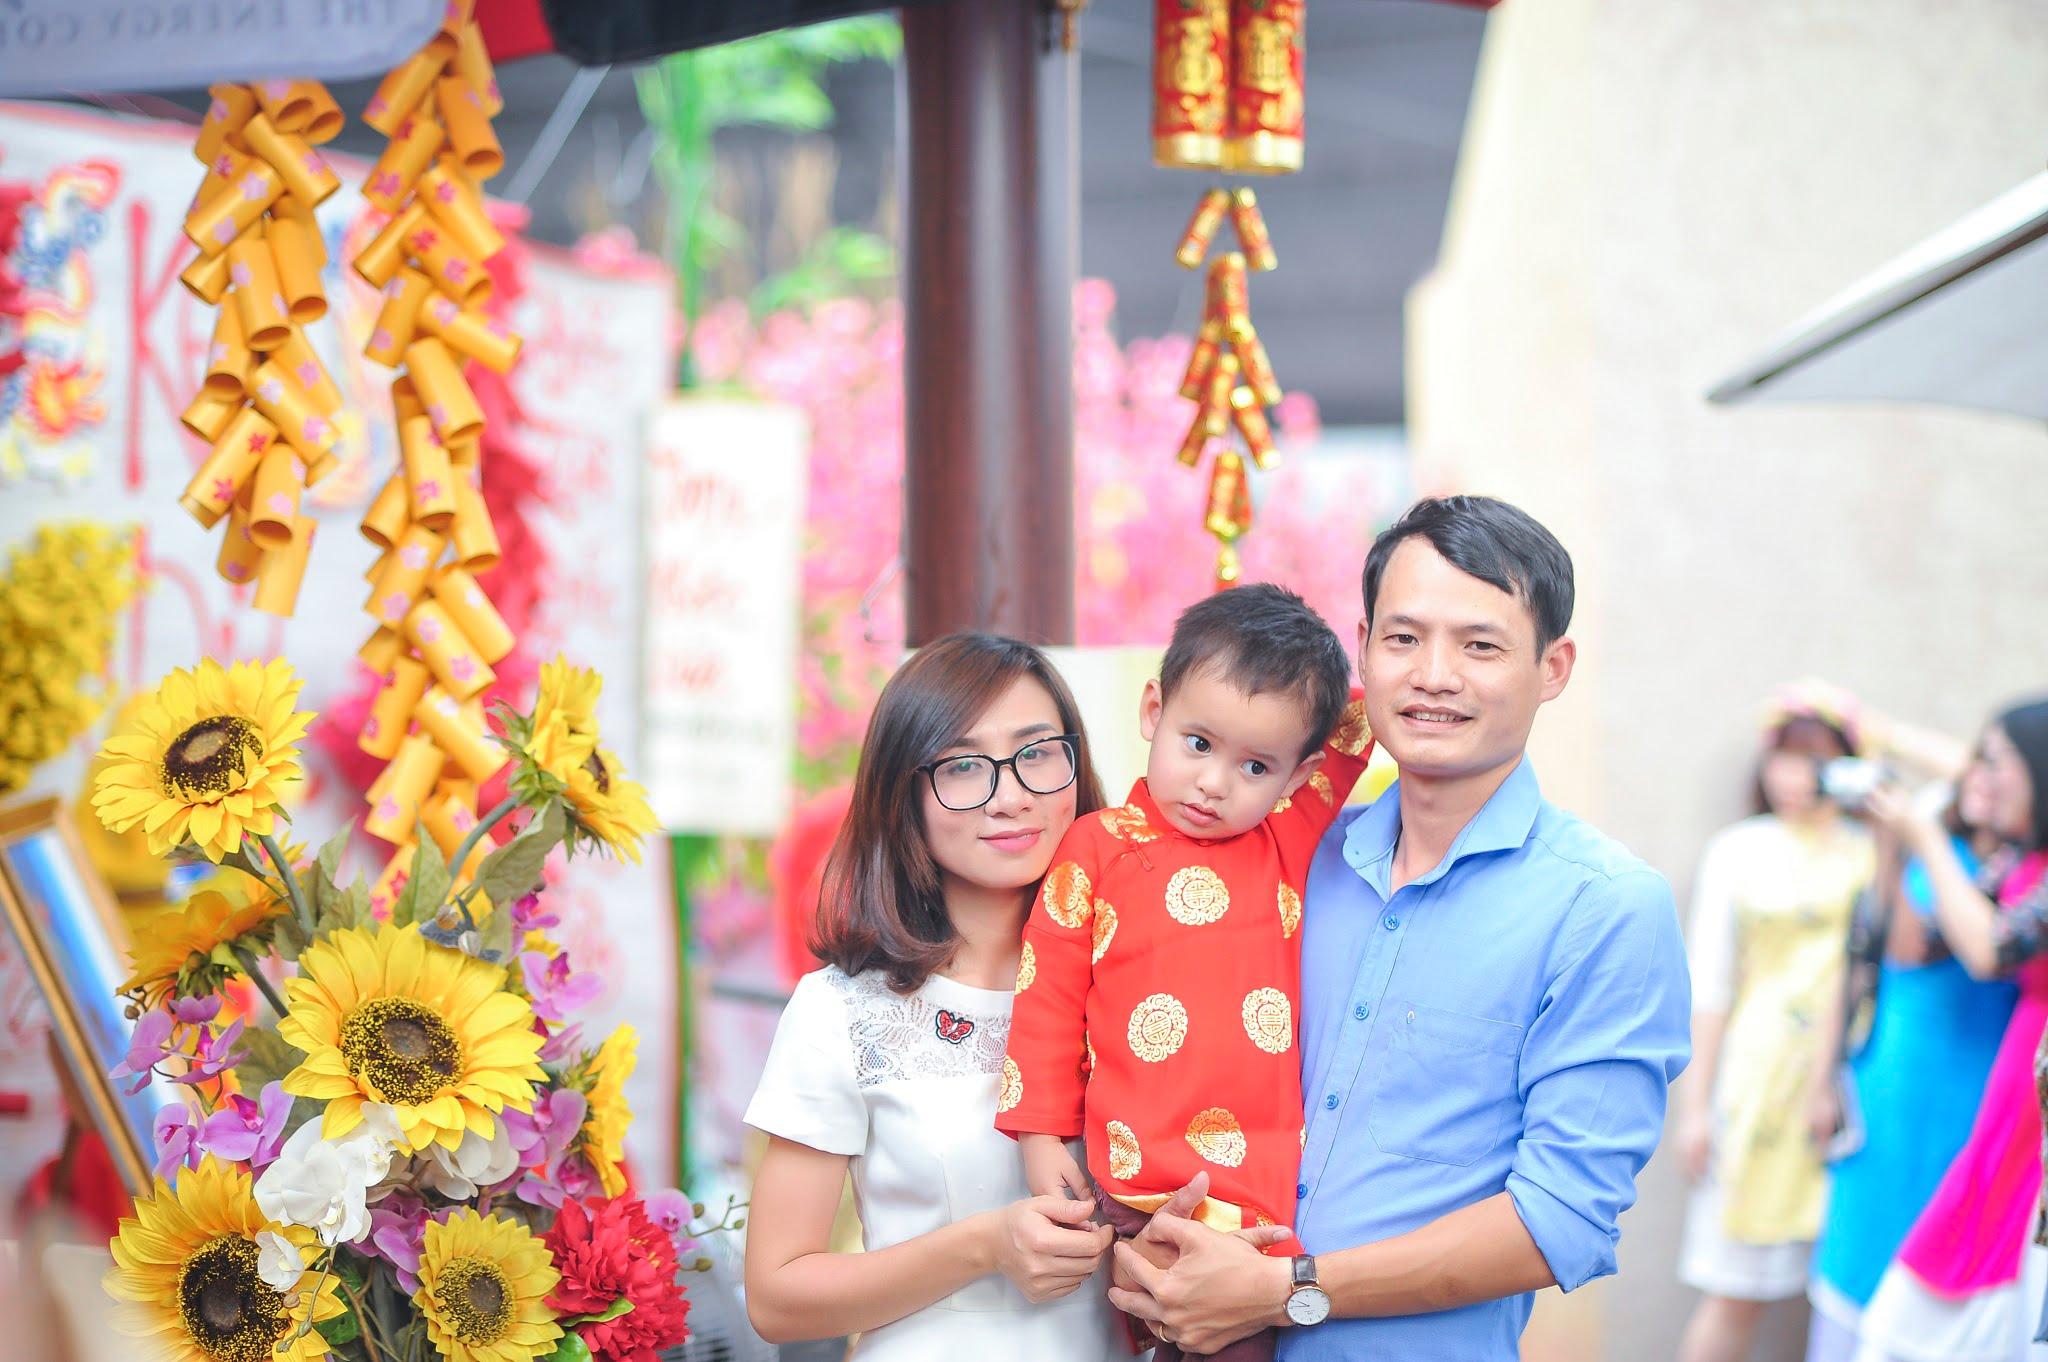 DSC 6609 - Ảnh chụp gia đình anh Phong Hồ, Quận 1 Tp.HCM